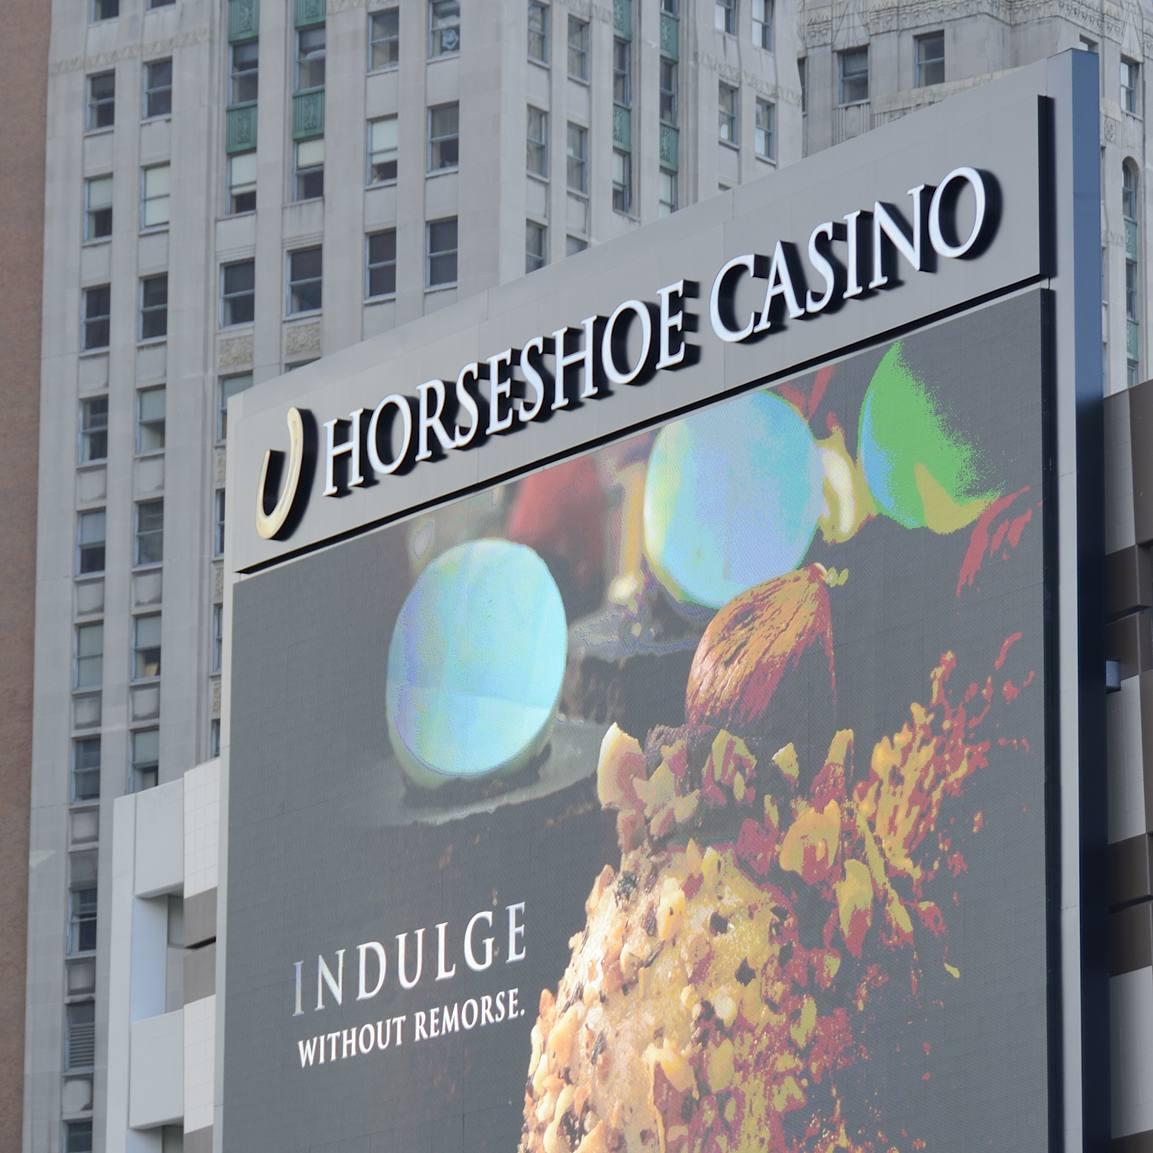 Horseshoe Casino, Cleveland